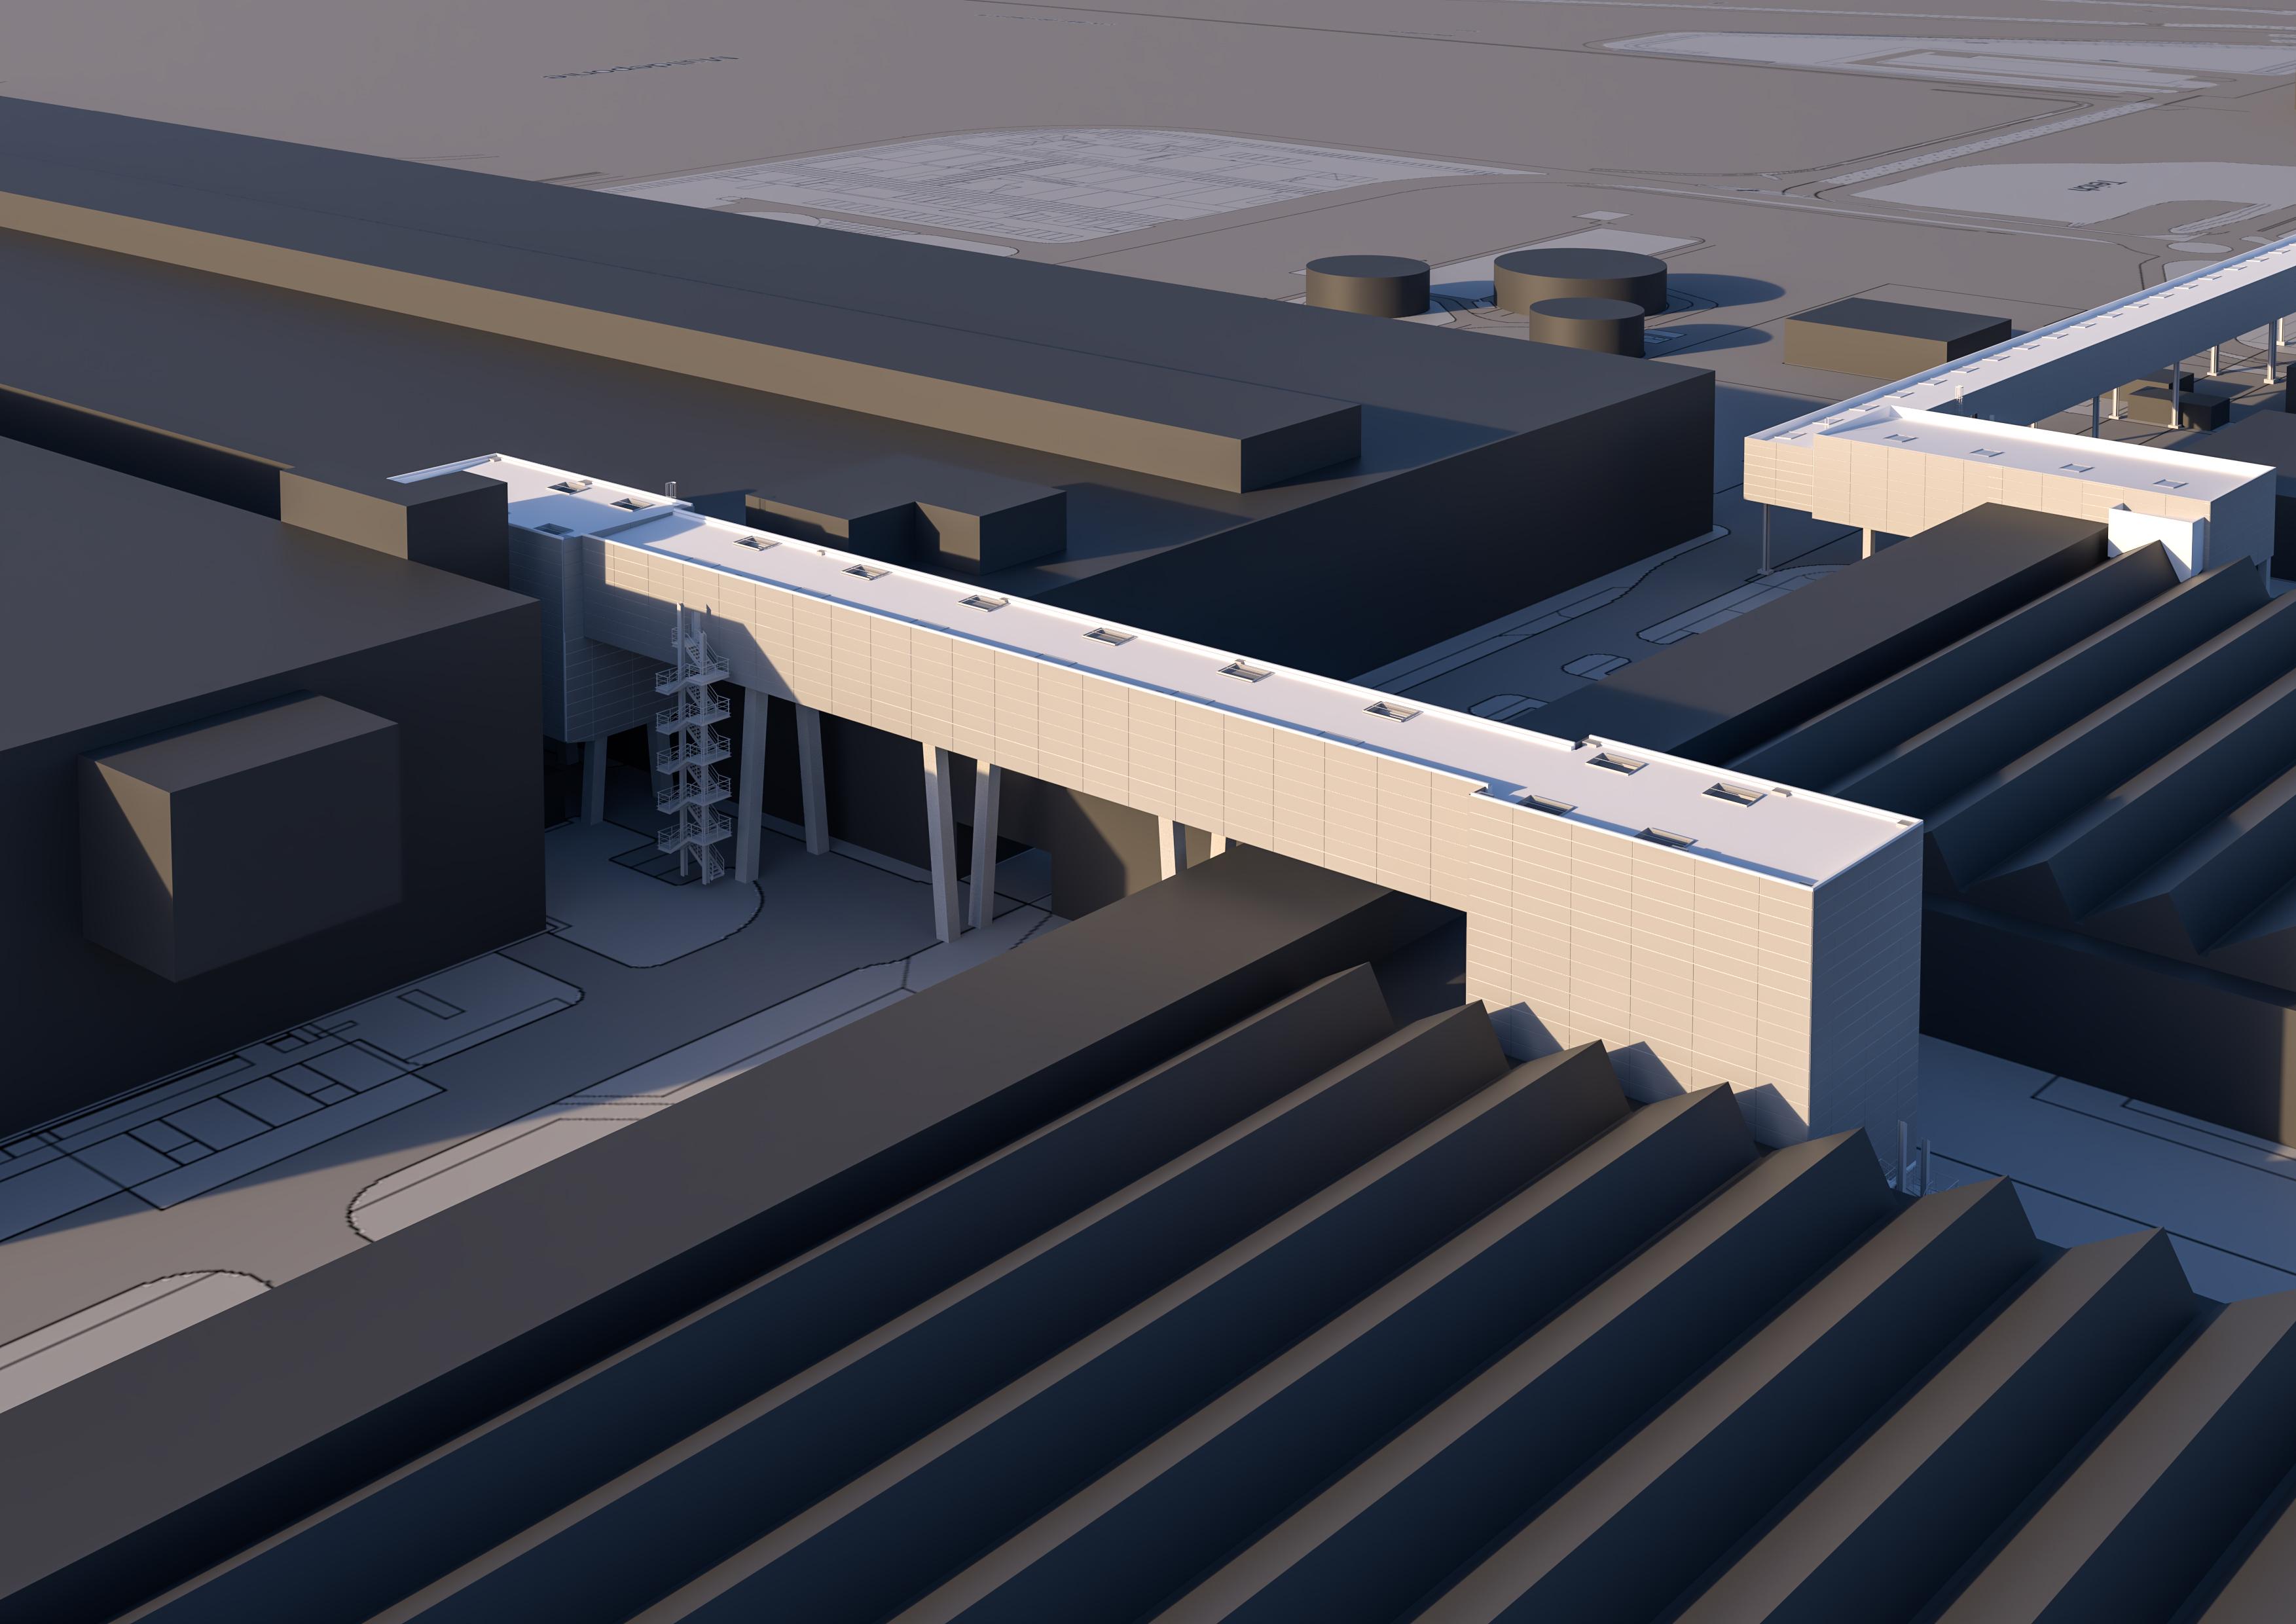 VW Conveyor Bridges